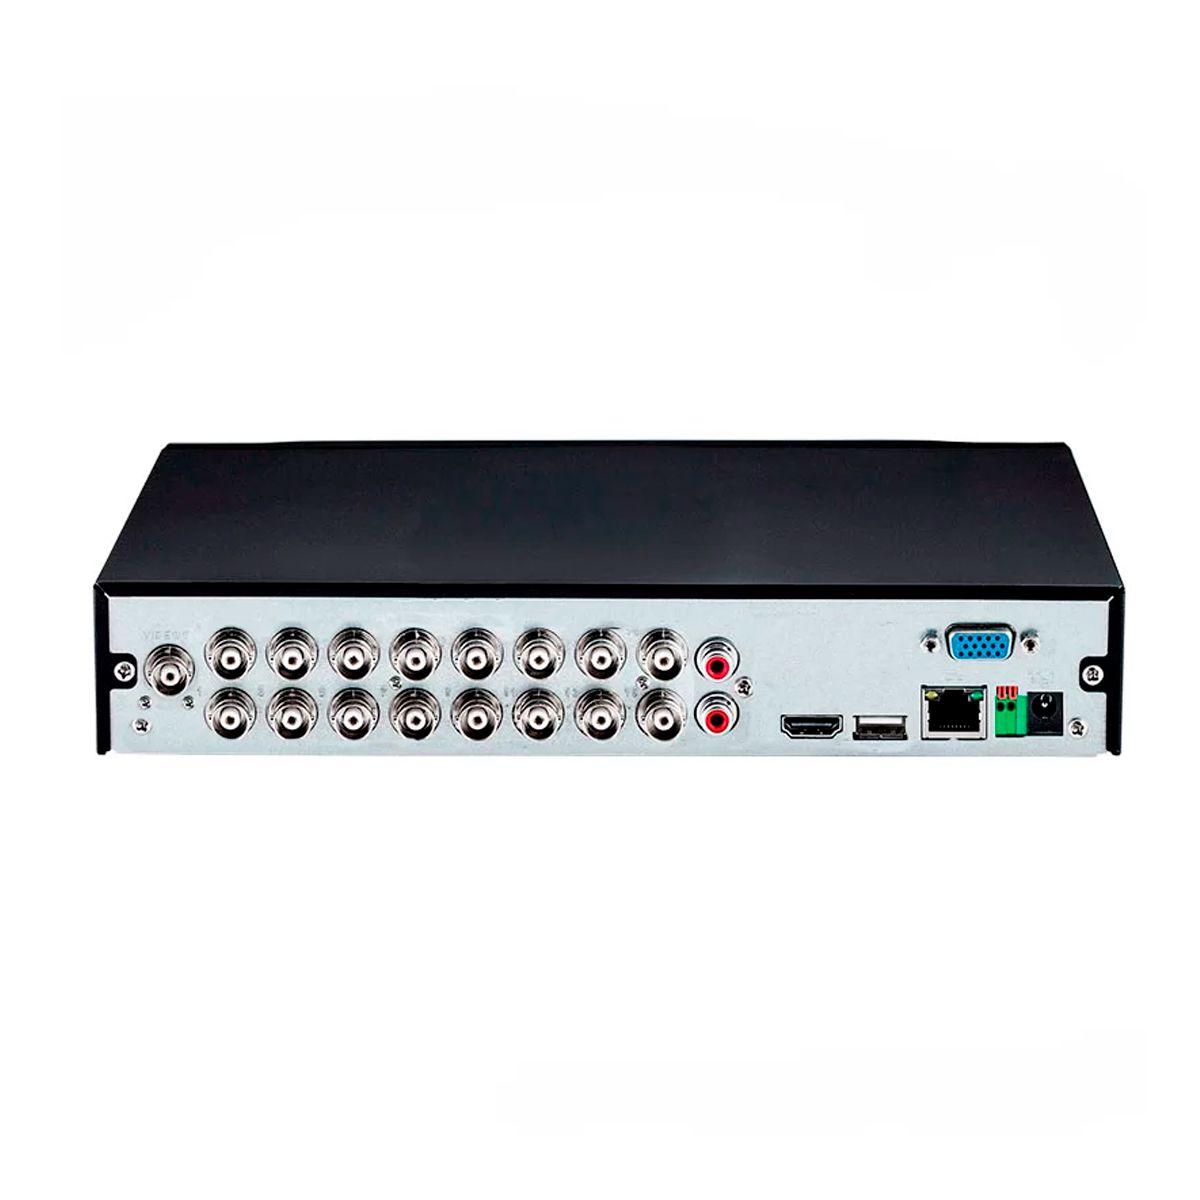 Kit 12 Câmeras VHD 1010 B G5 + DVR Intelbras + HD 1TB para Armazenamento + App Grátis de Monitoramento, Câmeras HD 720p 10m Infravermelho de Visão Noturna Intelbras + Fonte, Cabos e Acessórios  - Tudo Forte